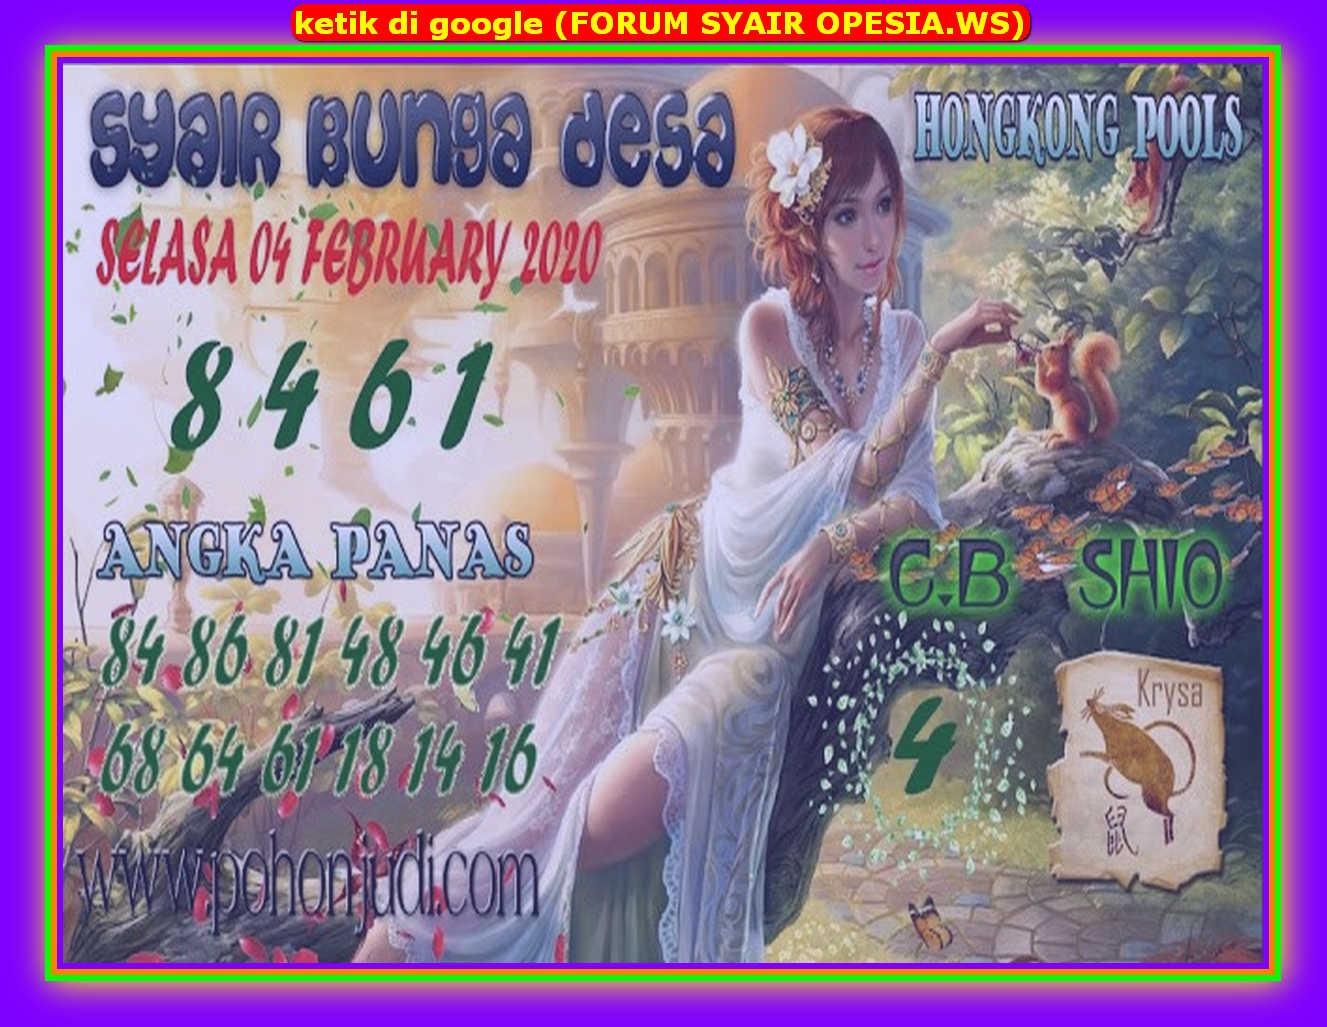 Kode syair Hongkong Selasa 4 Februari 2020 202